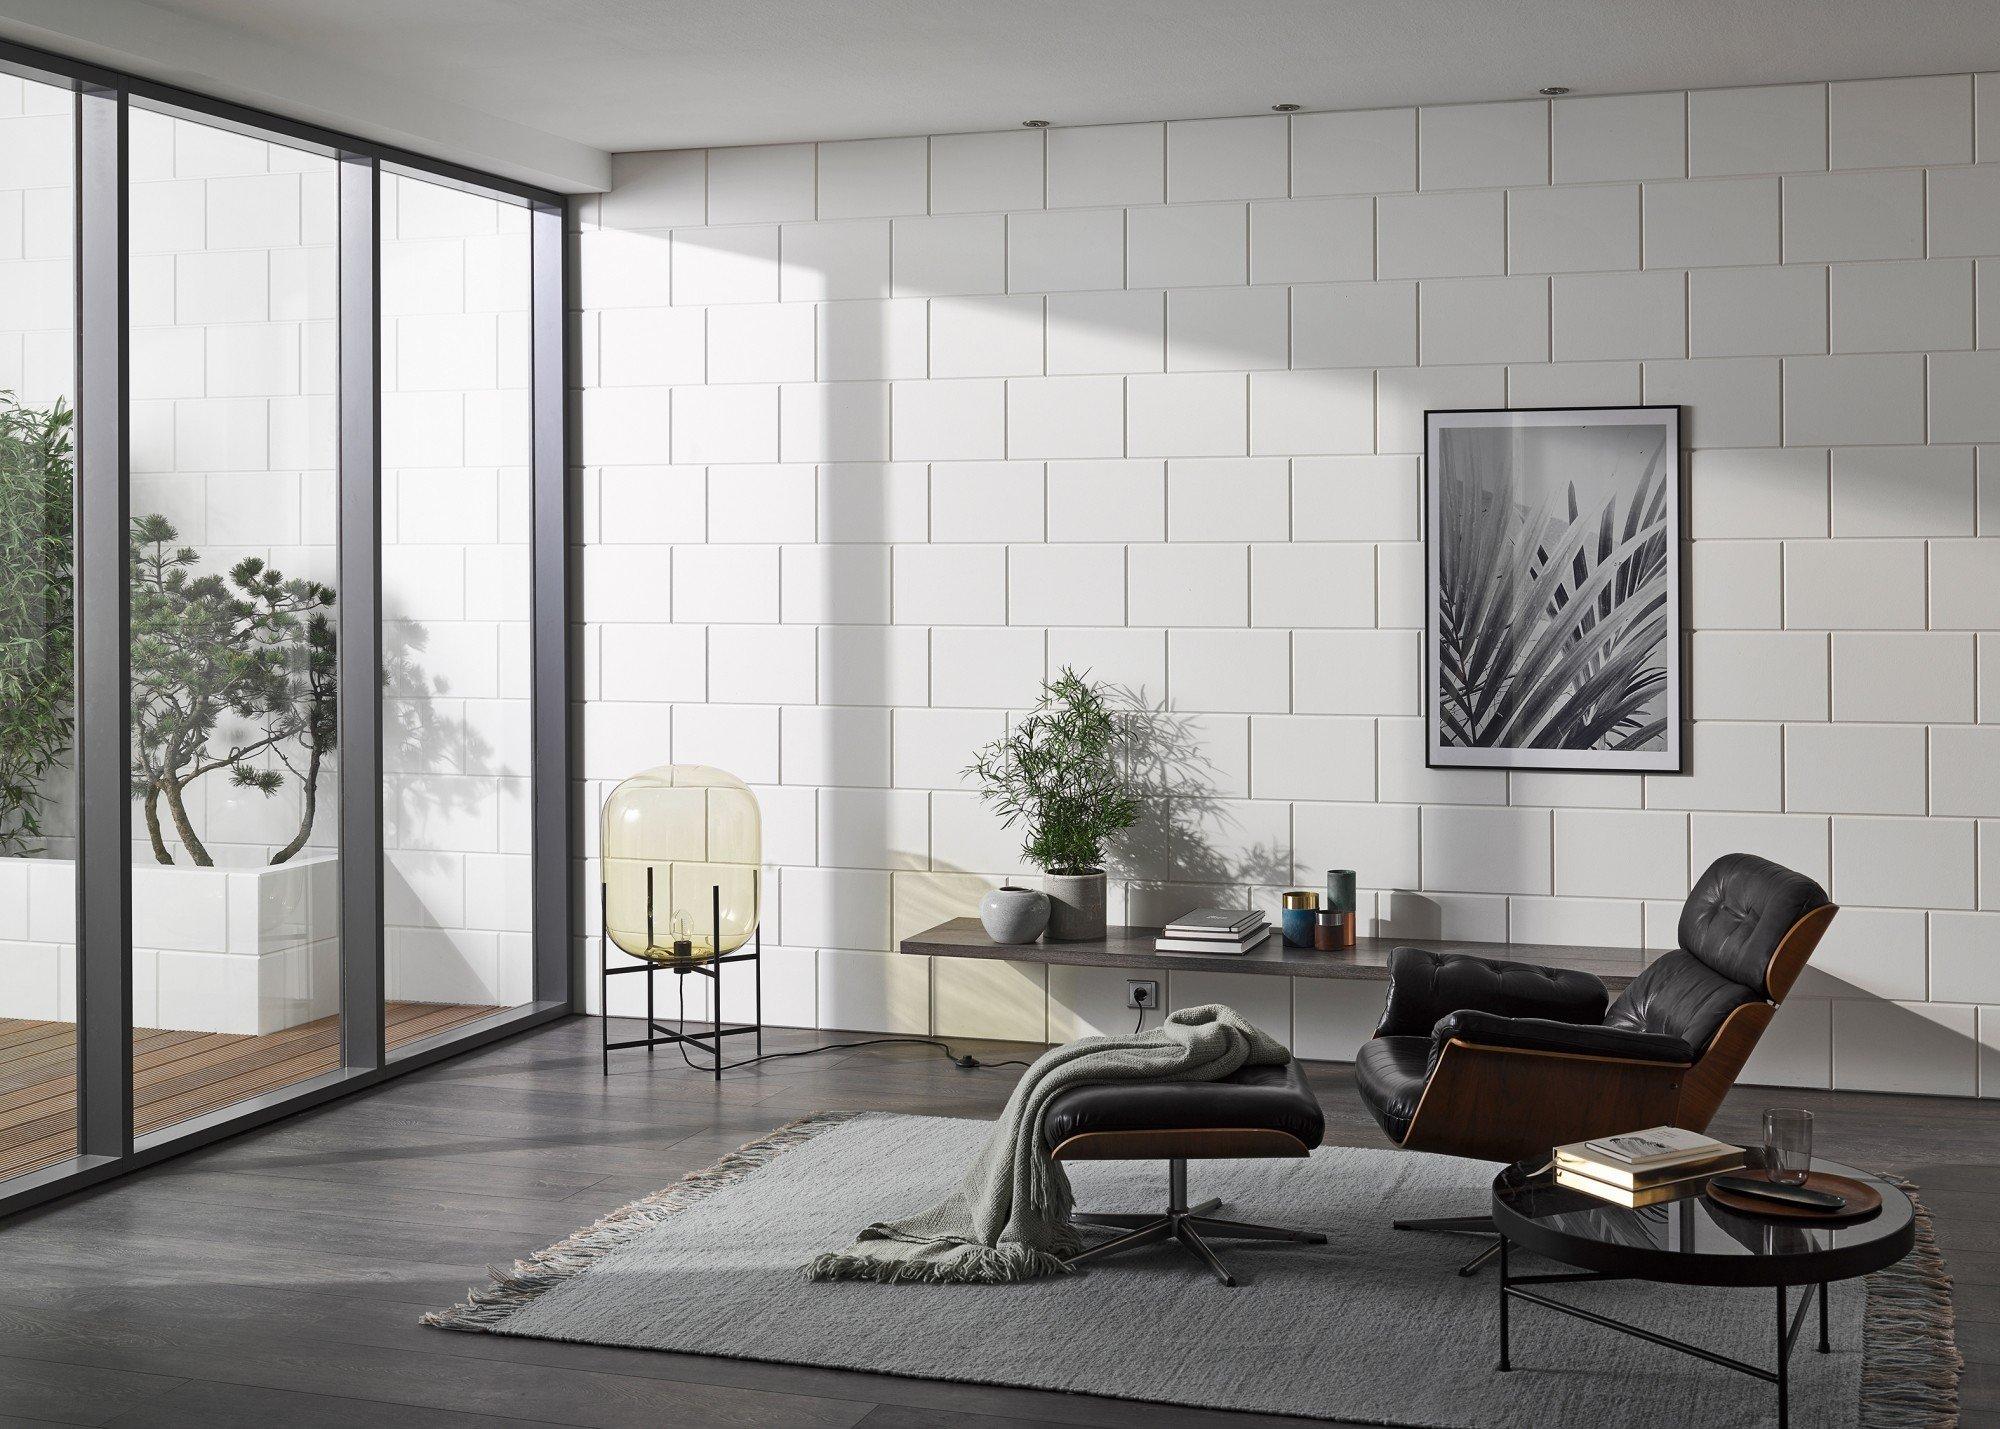 Kalksandstein Sichtmauerwerk Im Innenraum